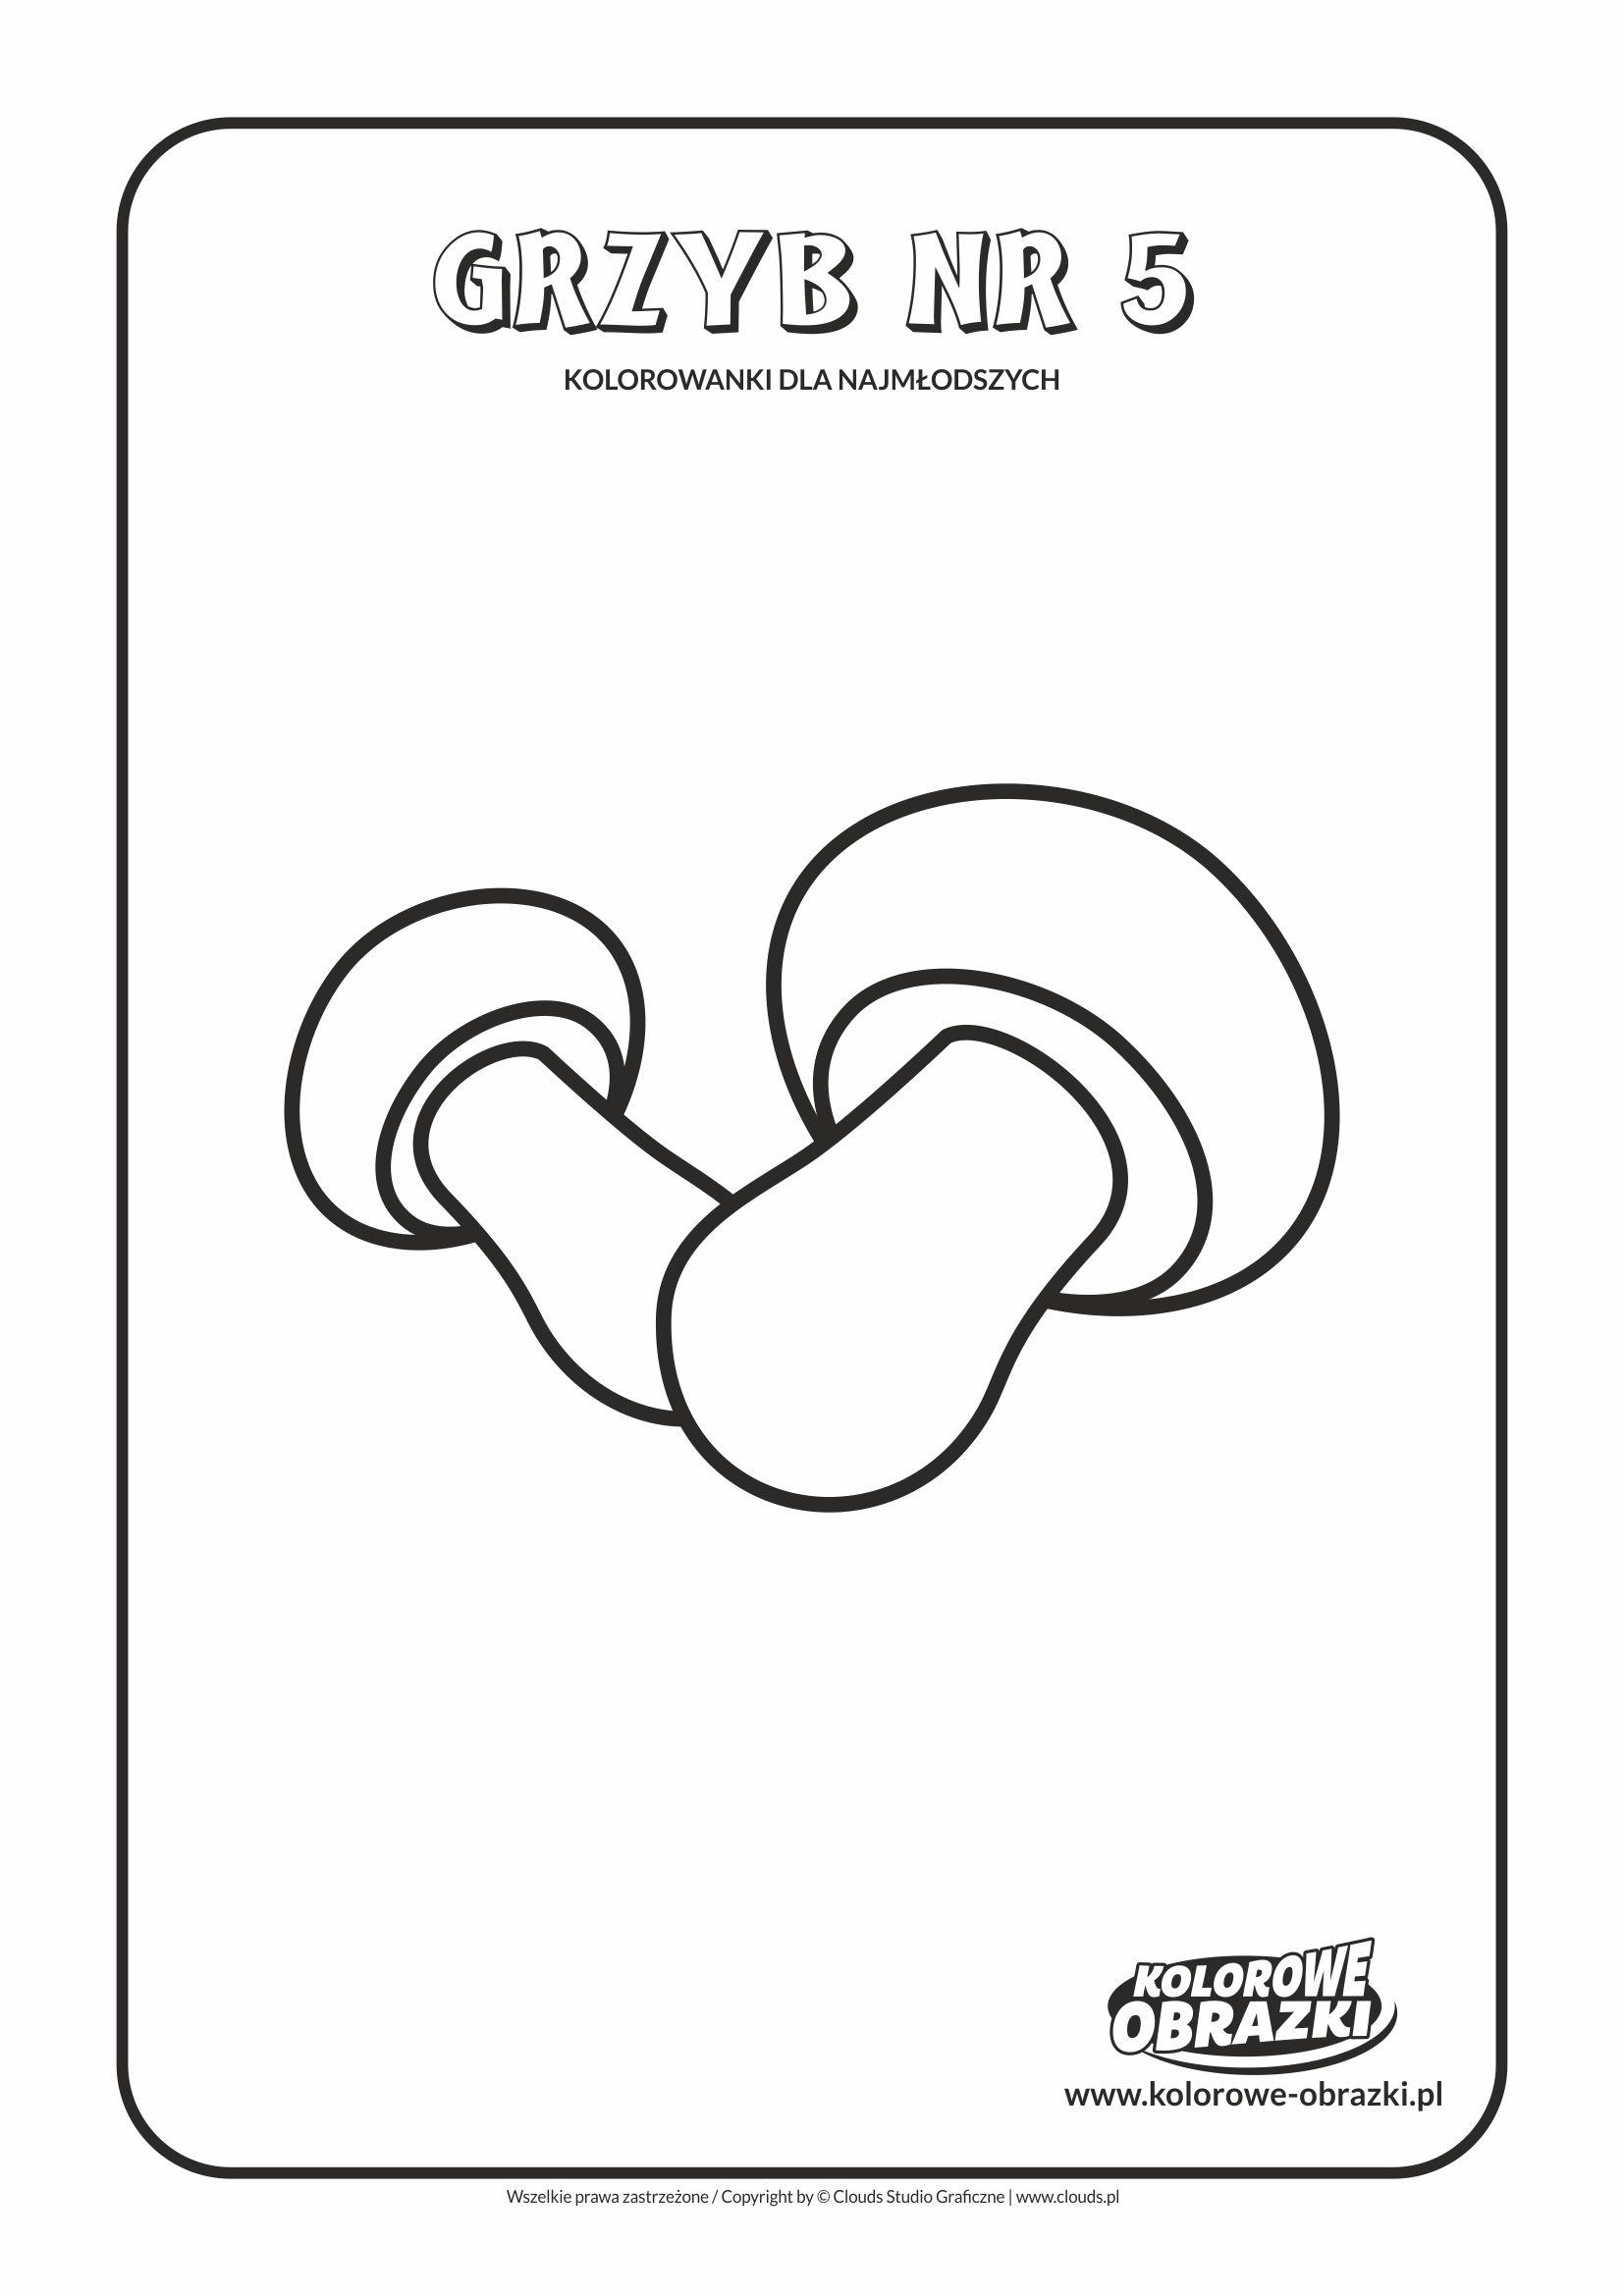 Proste kolorowanki dla najmłodszych - Grzyby / Grzyb nr 5. Kolorowanka z grzybem